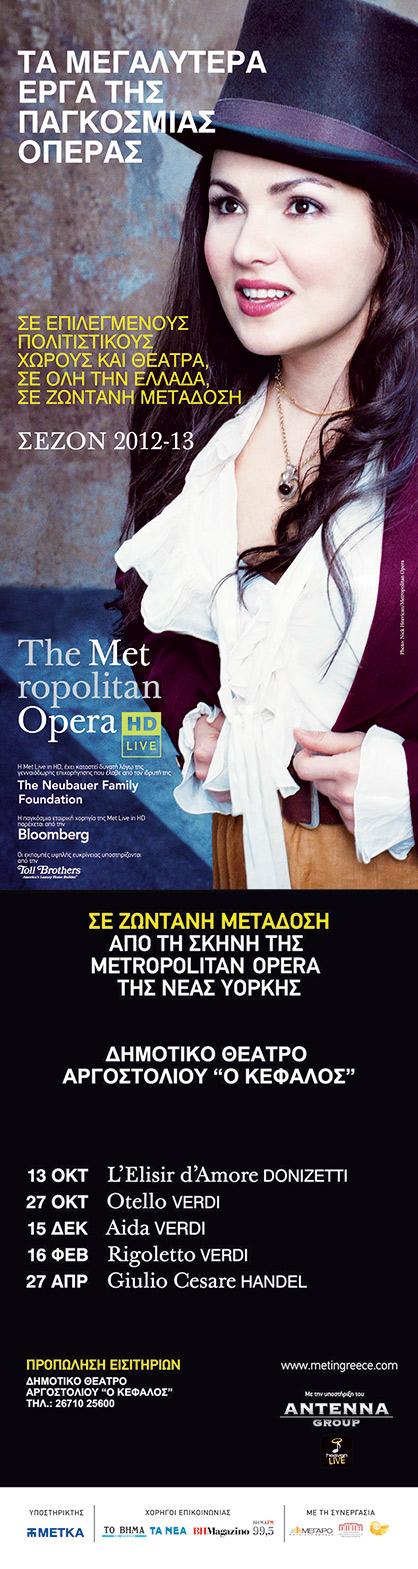 Πρώτη παράσταση στη Κεφαλλονιά με το έργο του Donizetti «το Ελιξίριο του Έρωτα»